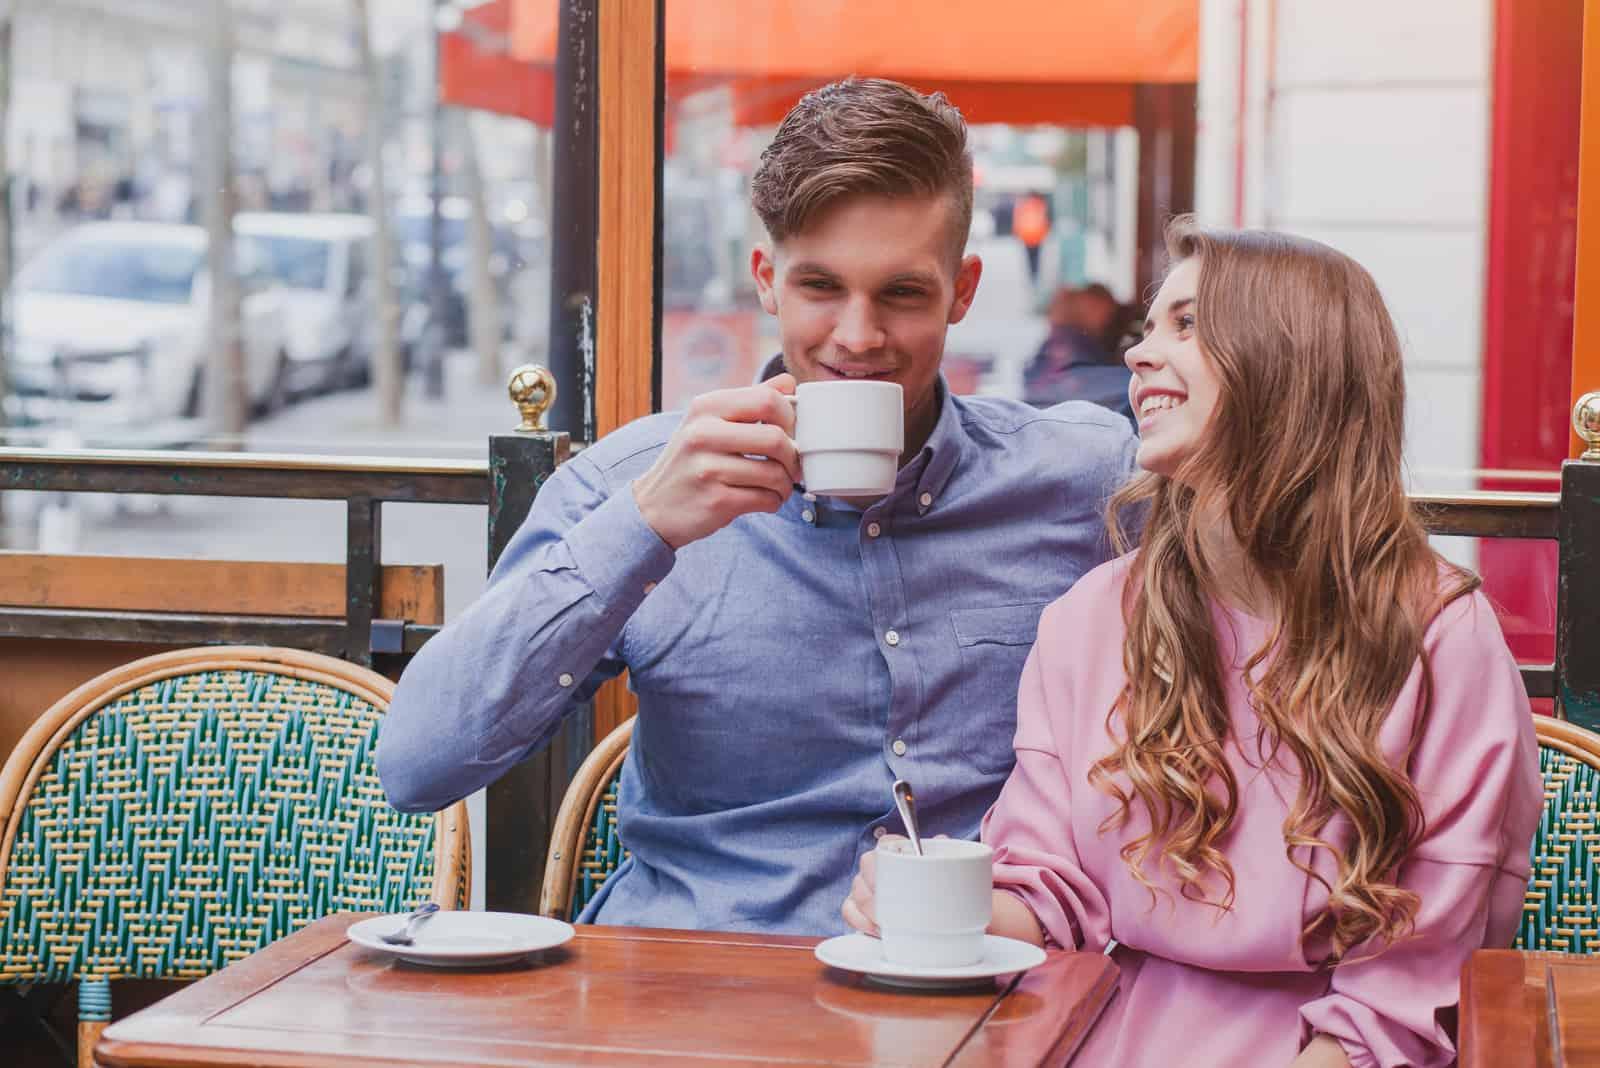 Ein Mann und eine Frau sitzen, trinken Kaffee und lachen